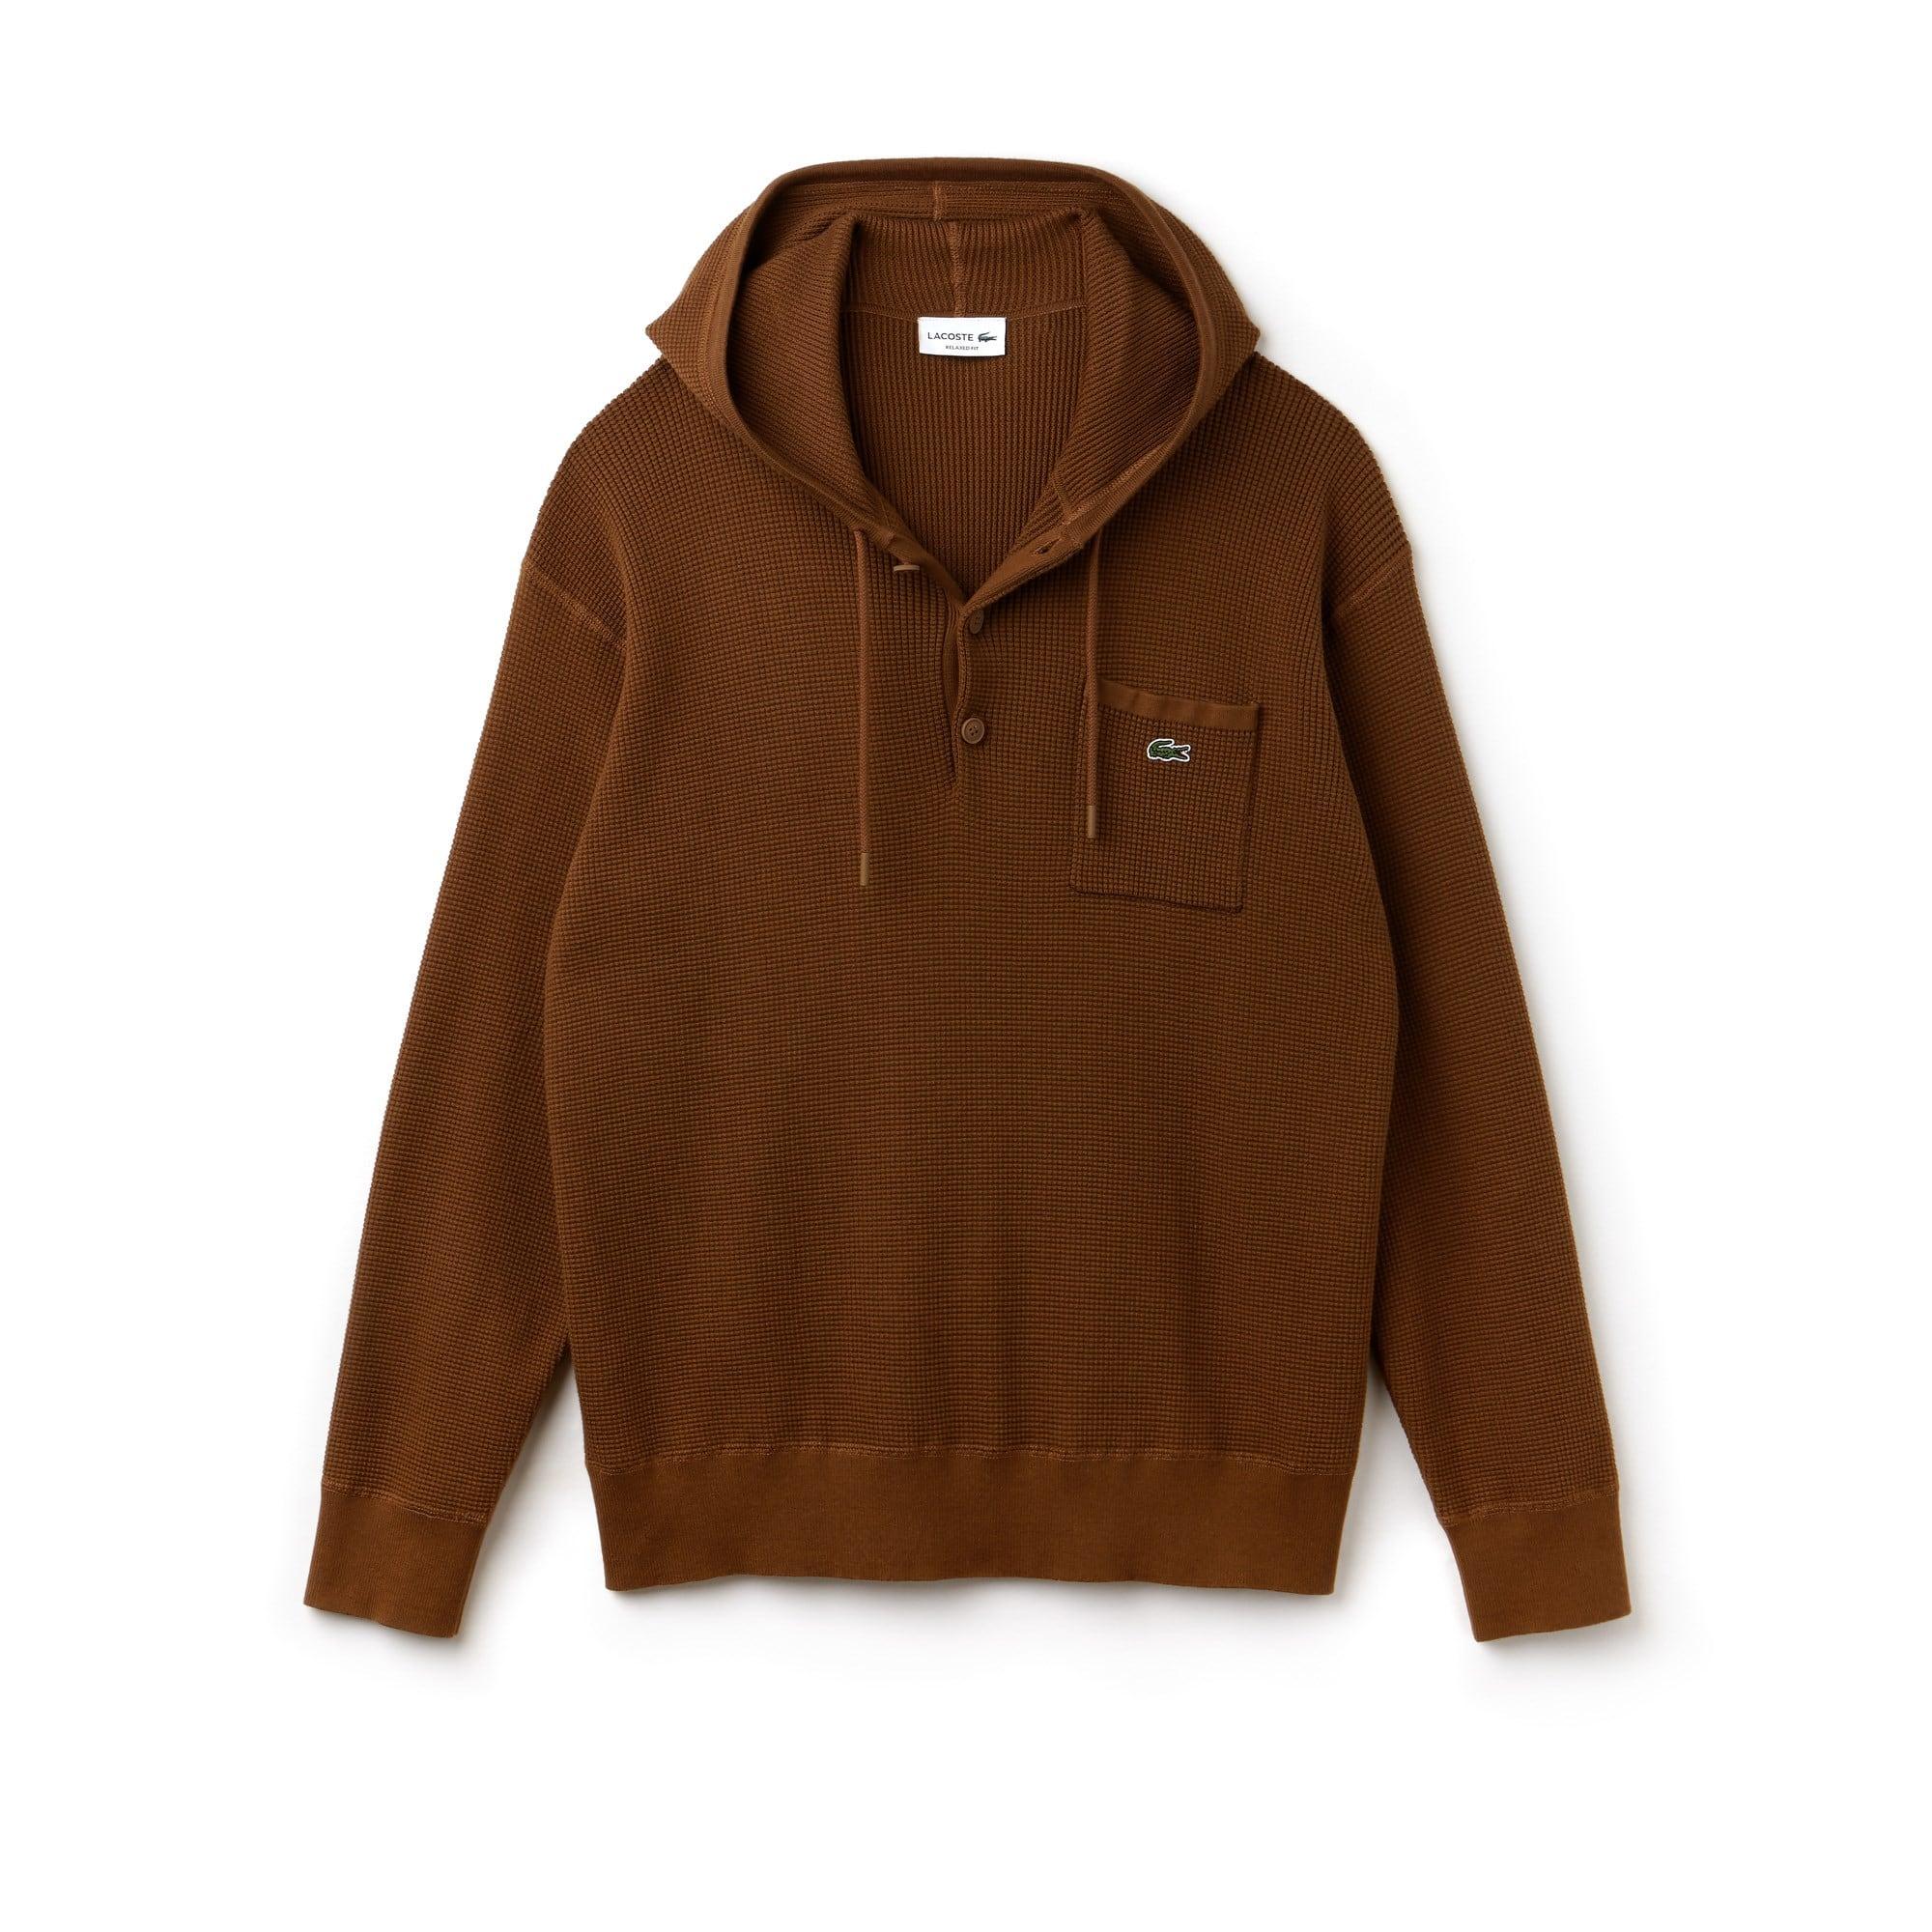 Sweatshirt de capuz em algodão com relevo